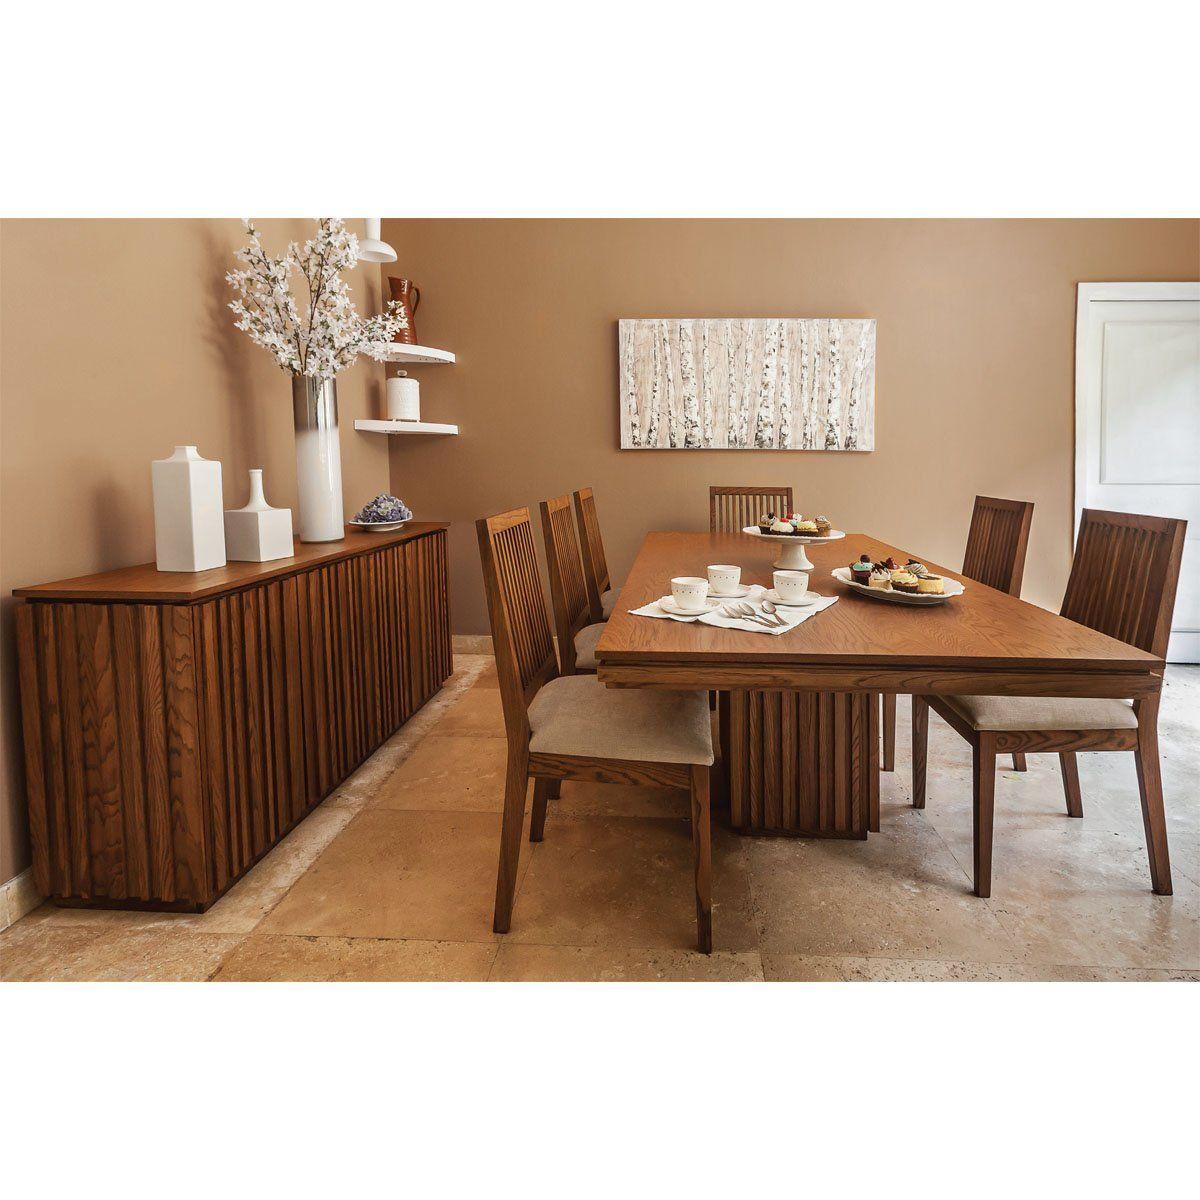 Excepcional Muebles De Cocina Sears Colección de Imágenes - Como ...